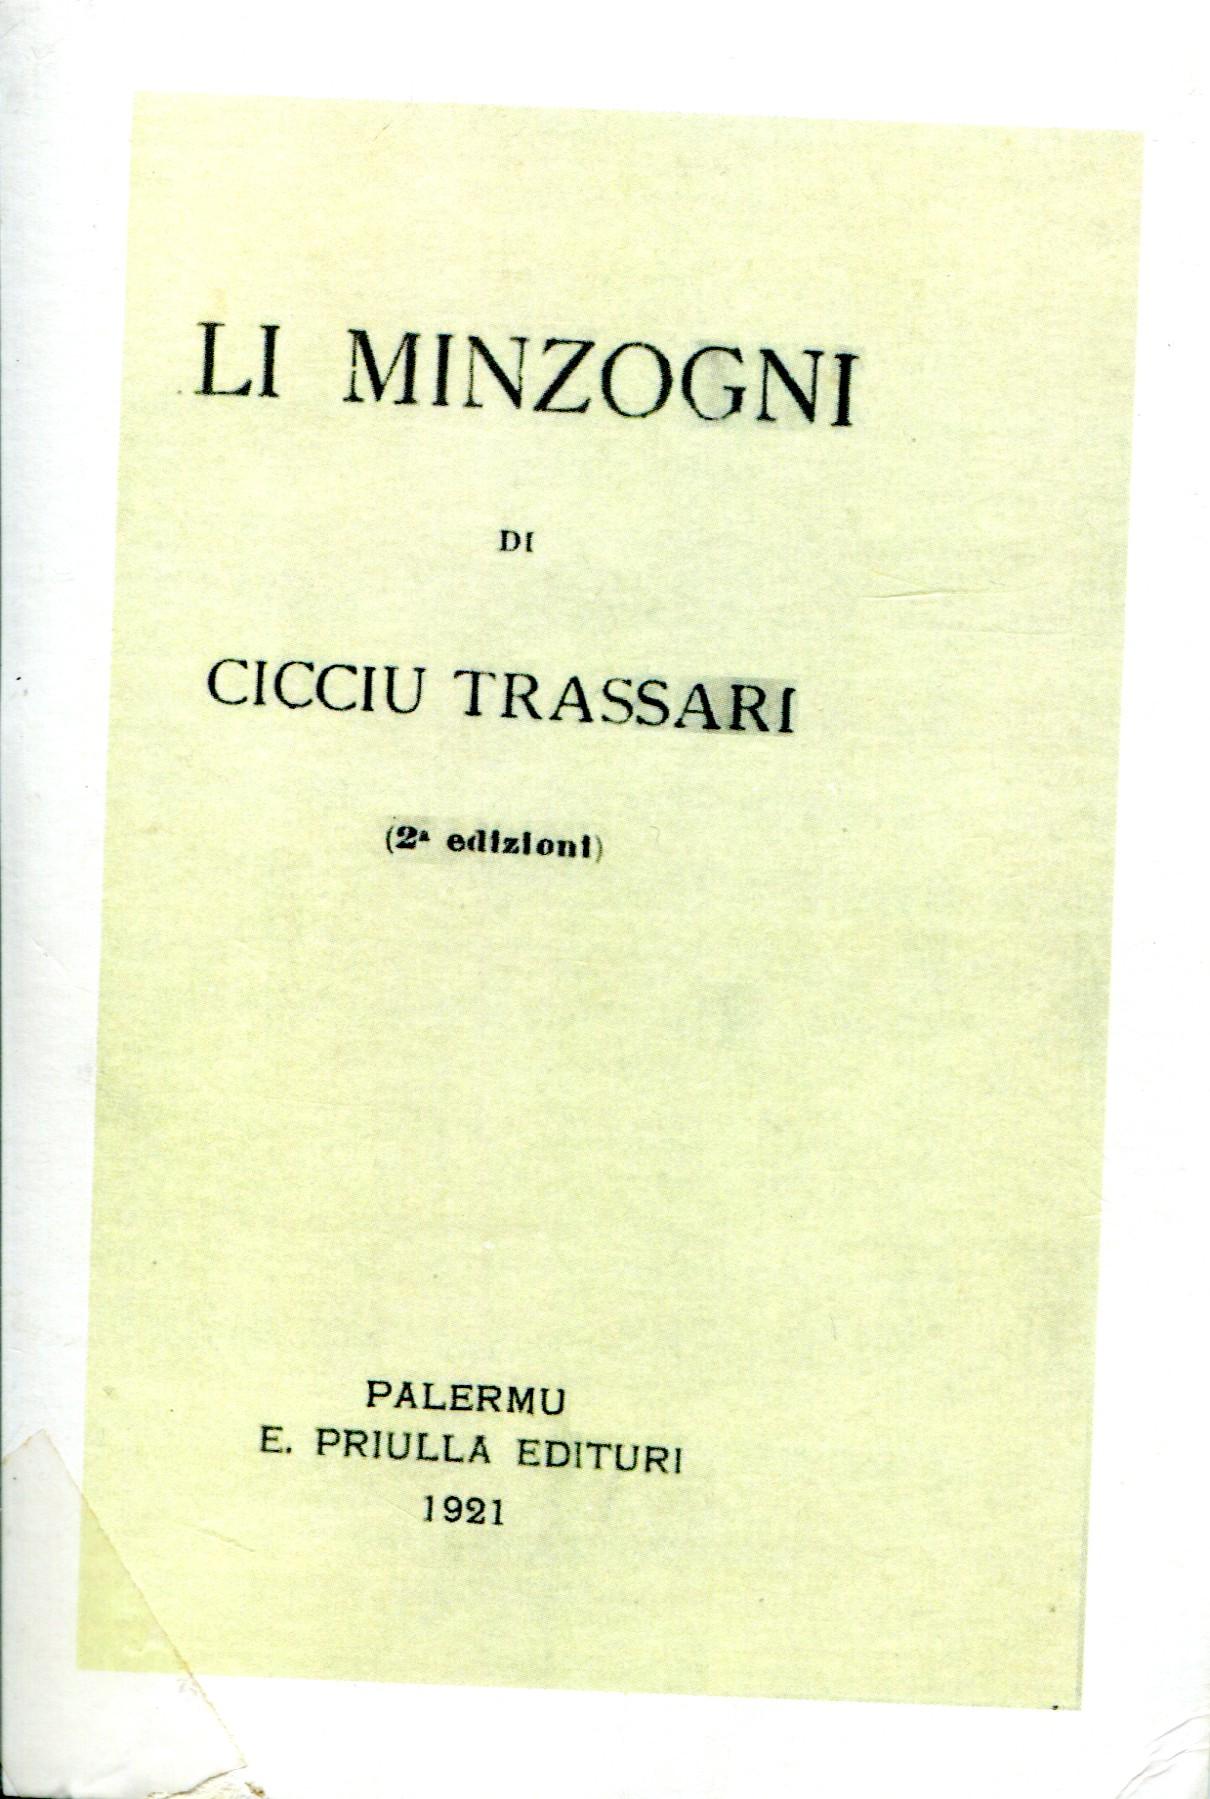 Poesie Di Natale In Dialetto Siciliano.Francesco Trassari Il Poeta In Ombra Siciliantica Capo D Orlando